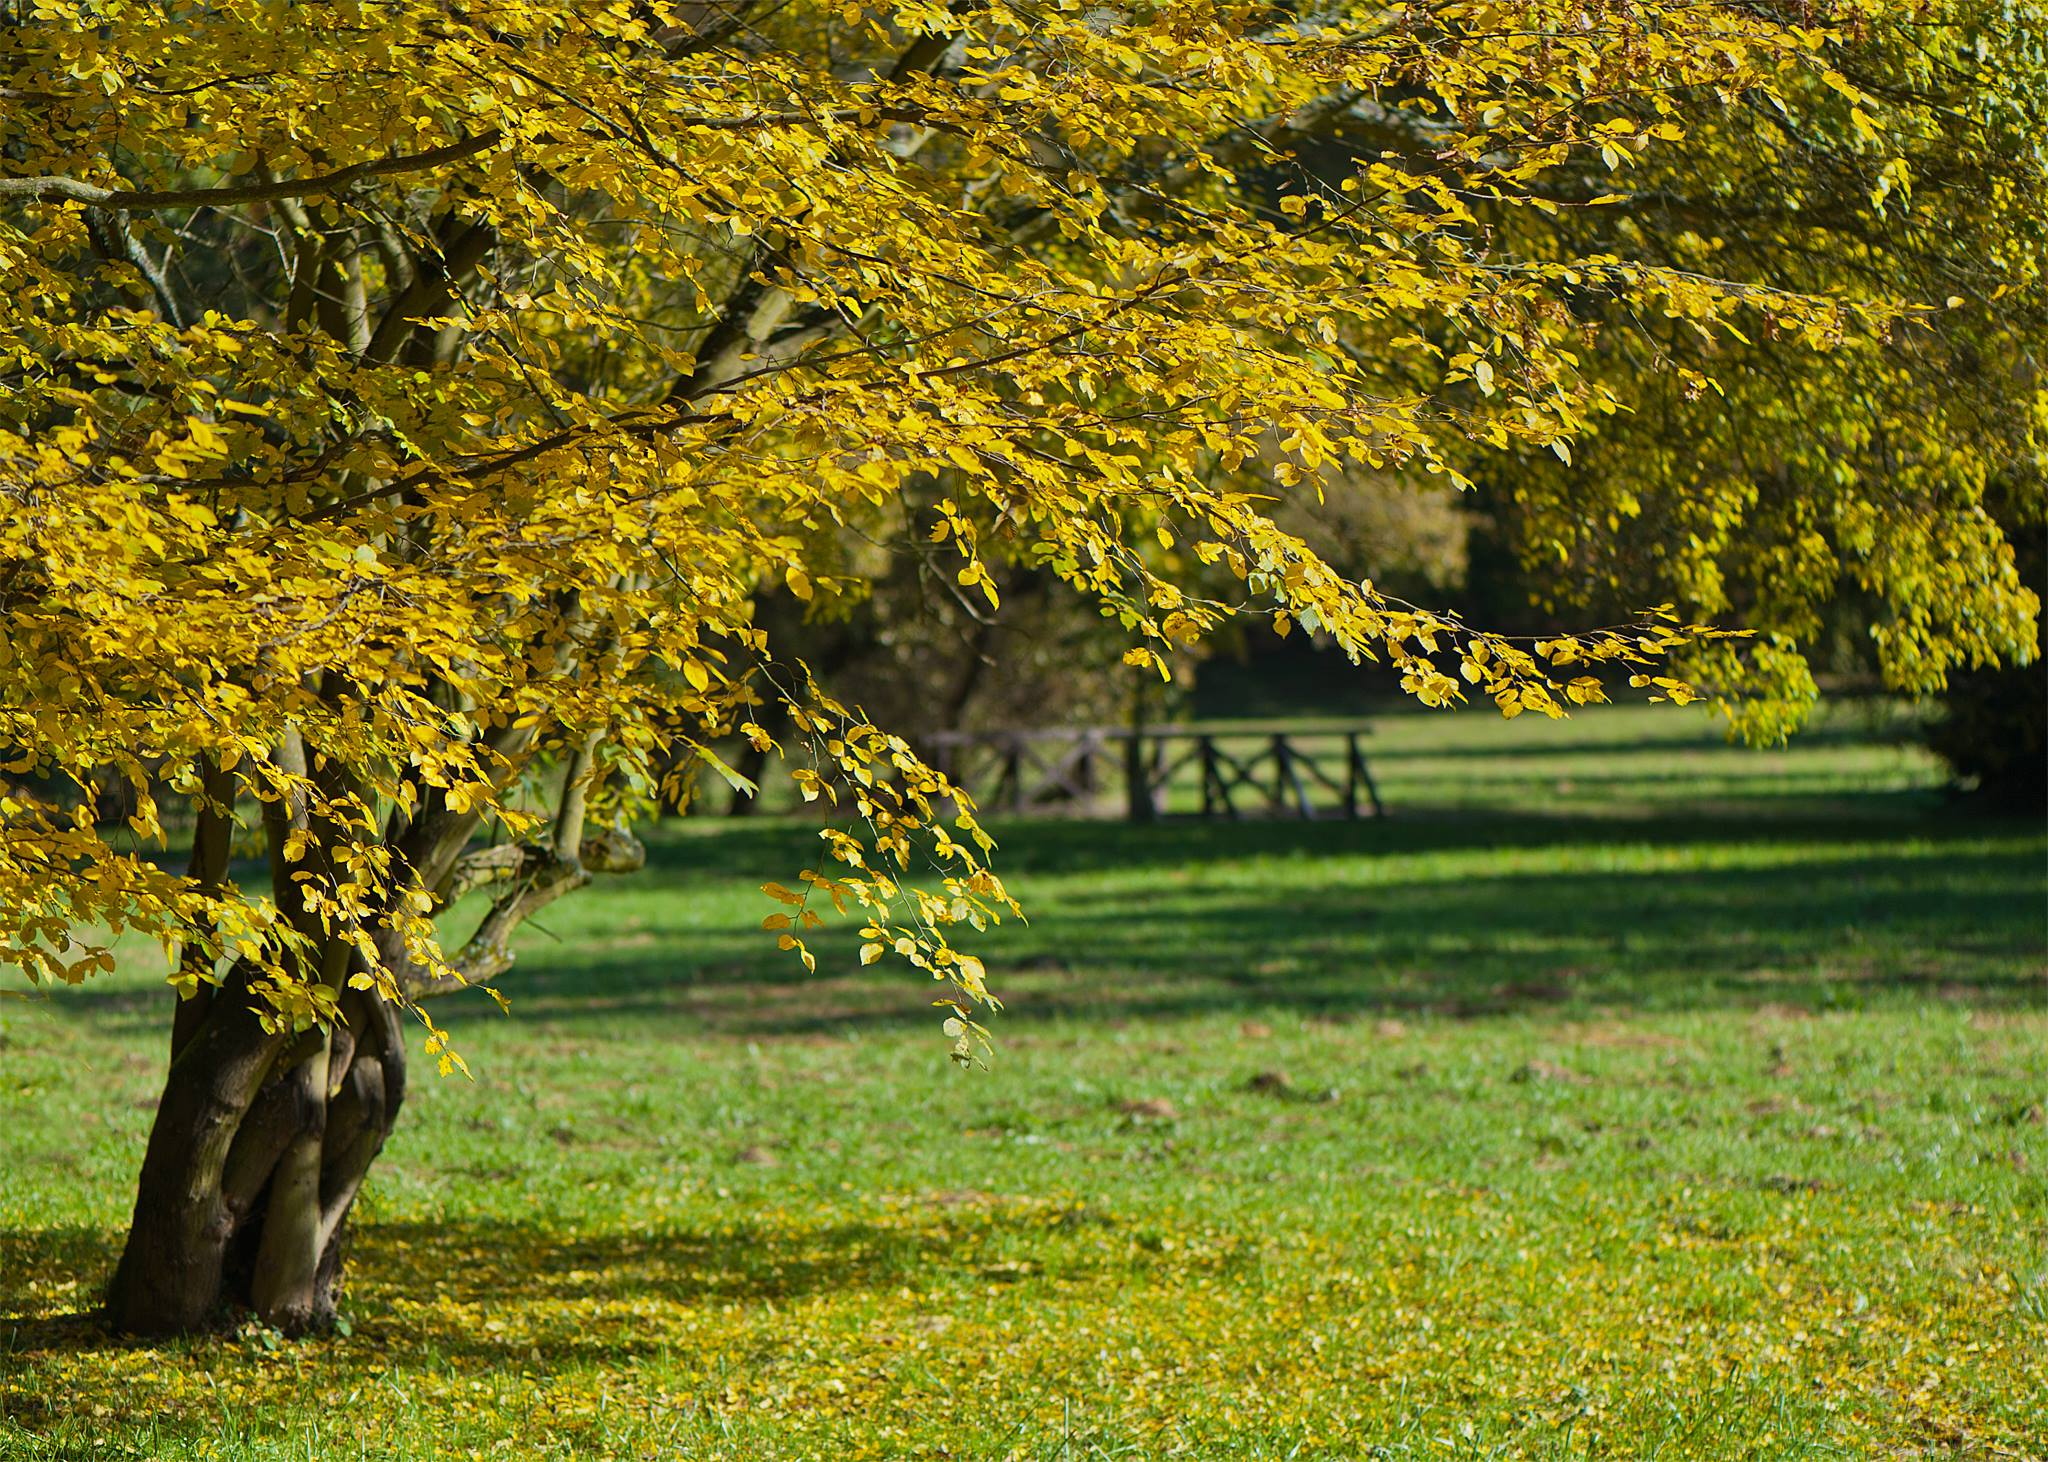 Průhonický park,Park Pruhonice,Prague, Czech Republic